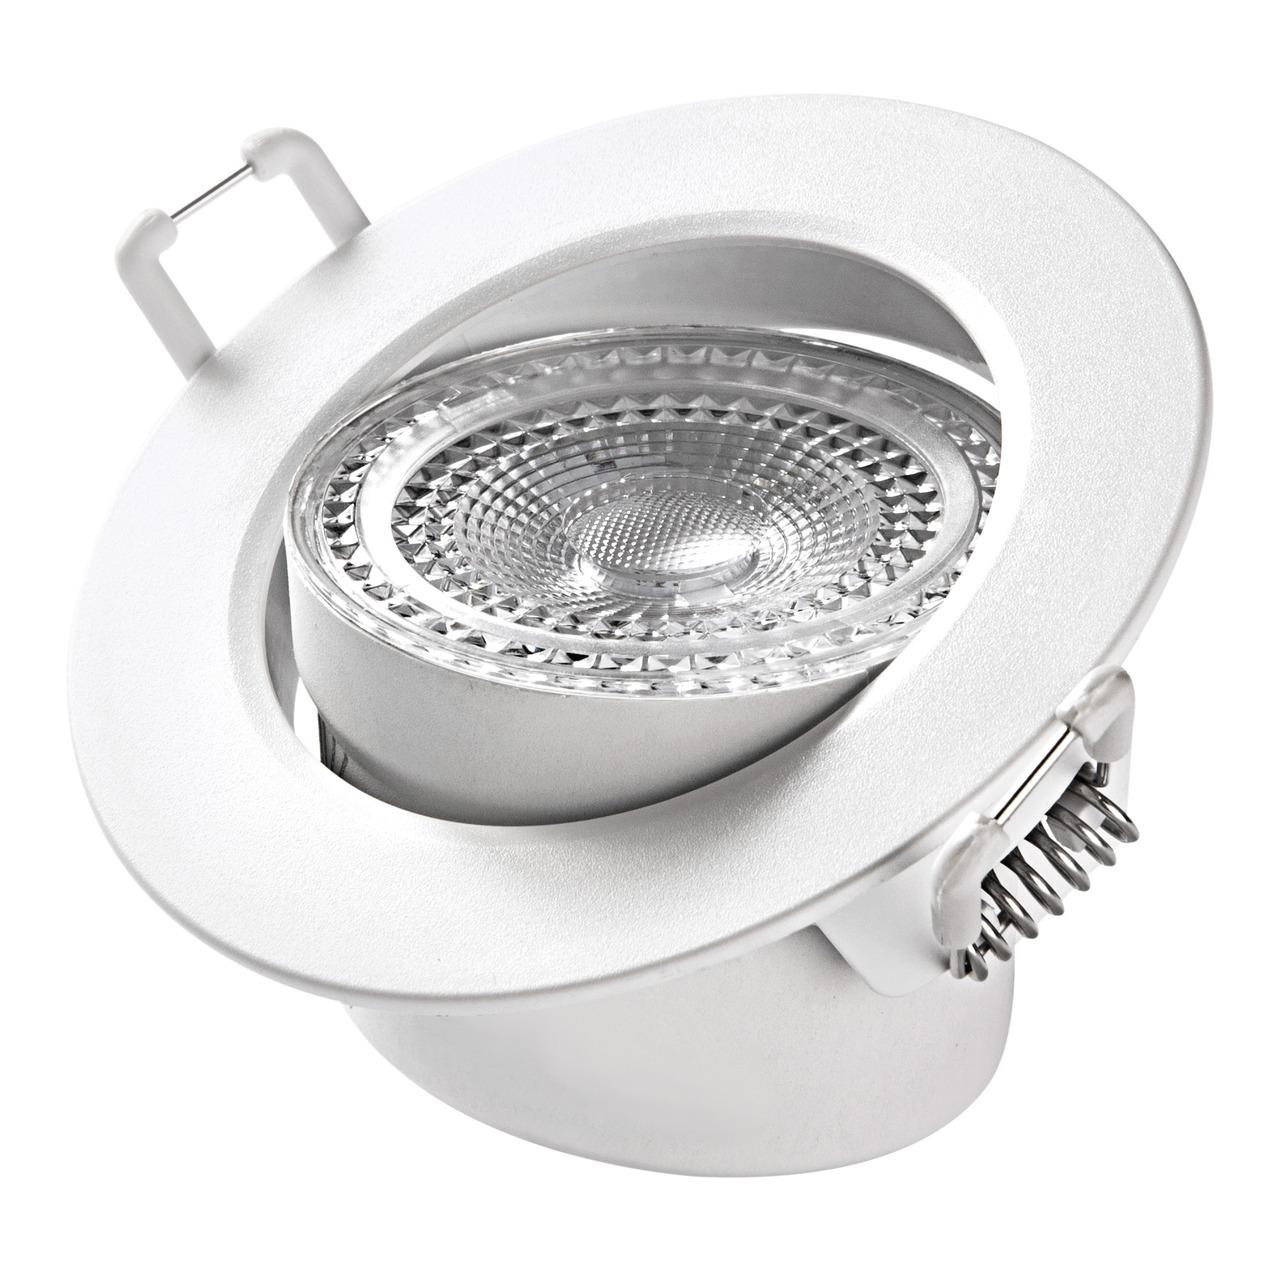 HEITRONIC 5-5-W-LED-Einbaustrahler DL7002- austauschbare Kunststoffringe- schwenkbar- 3000 K- IP44